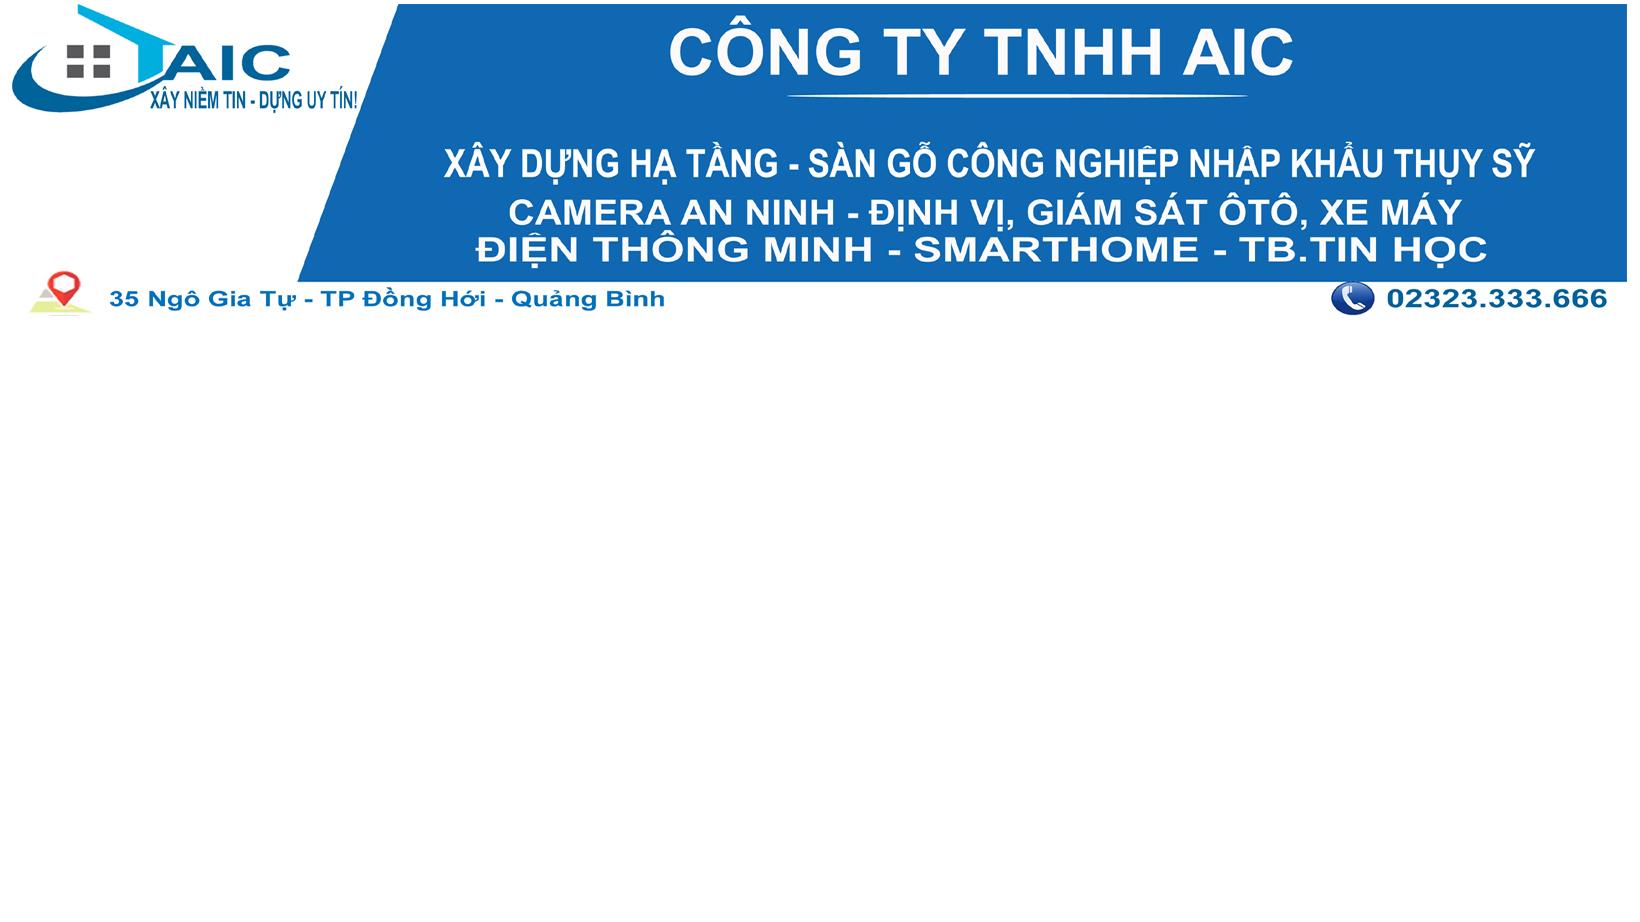 Công ty TNHH AIC